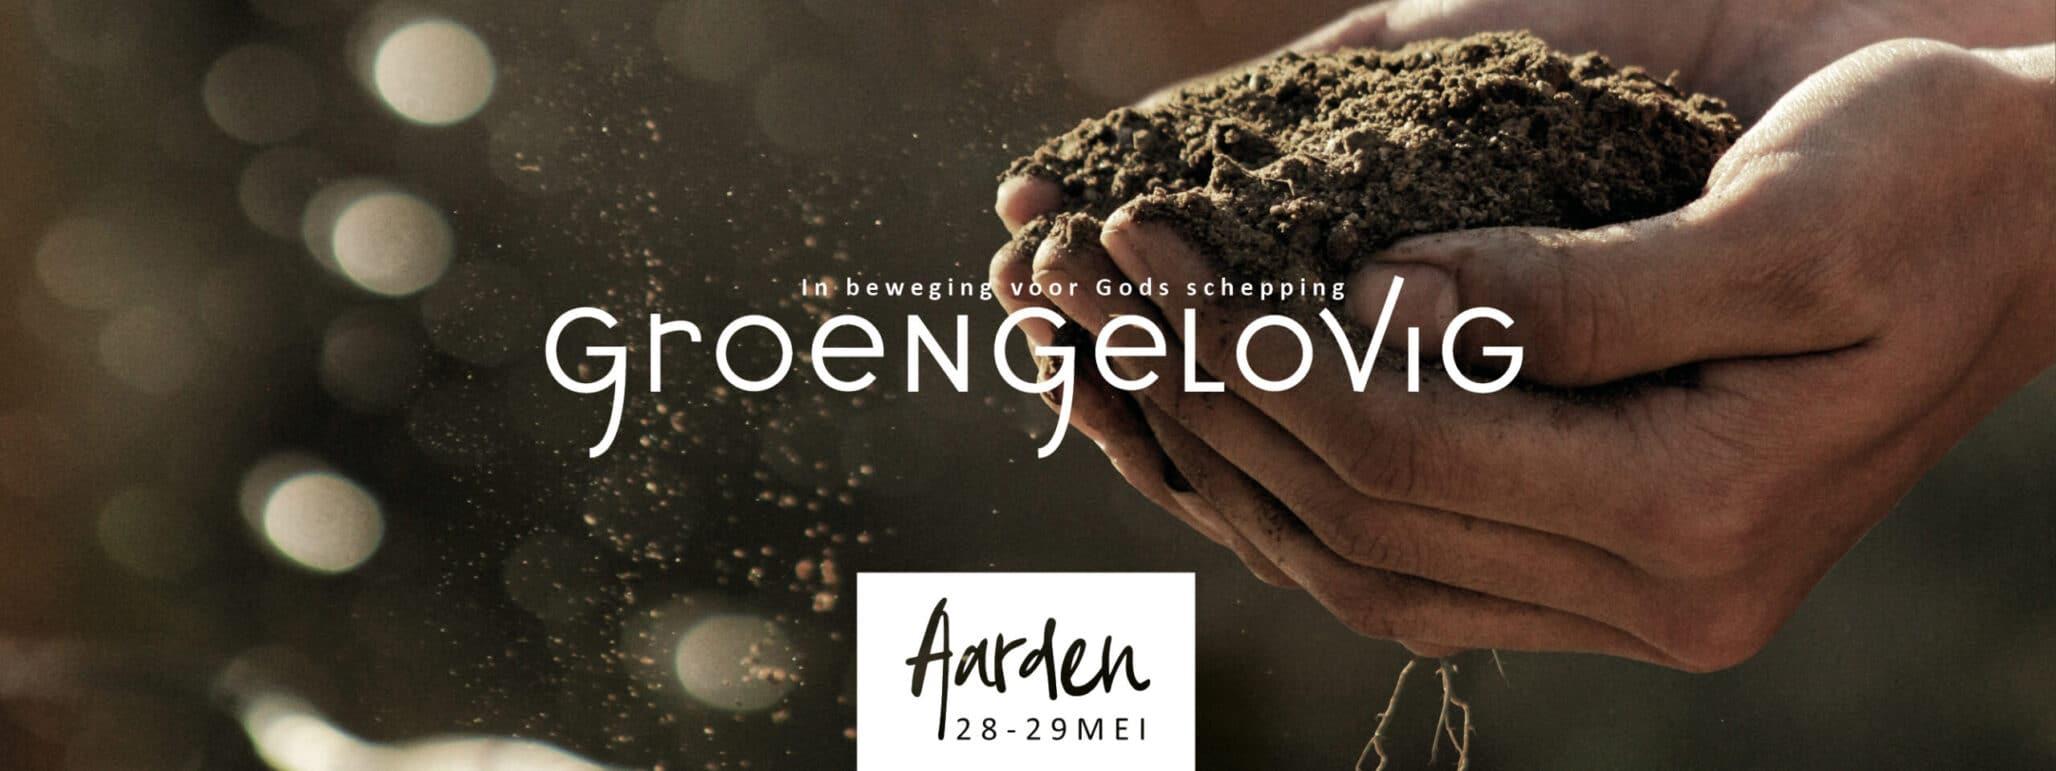 28 en 29 mei: GroenGelovig, christelijke evenement over duurzaam leven